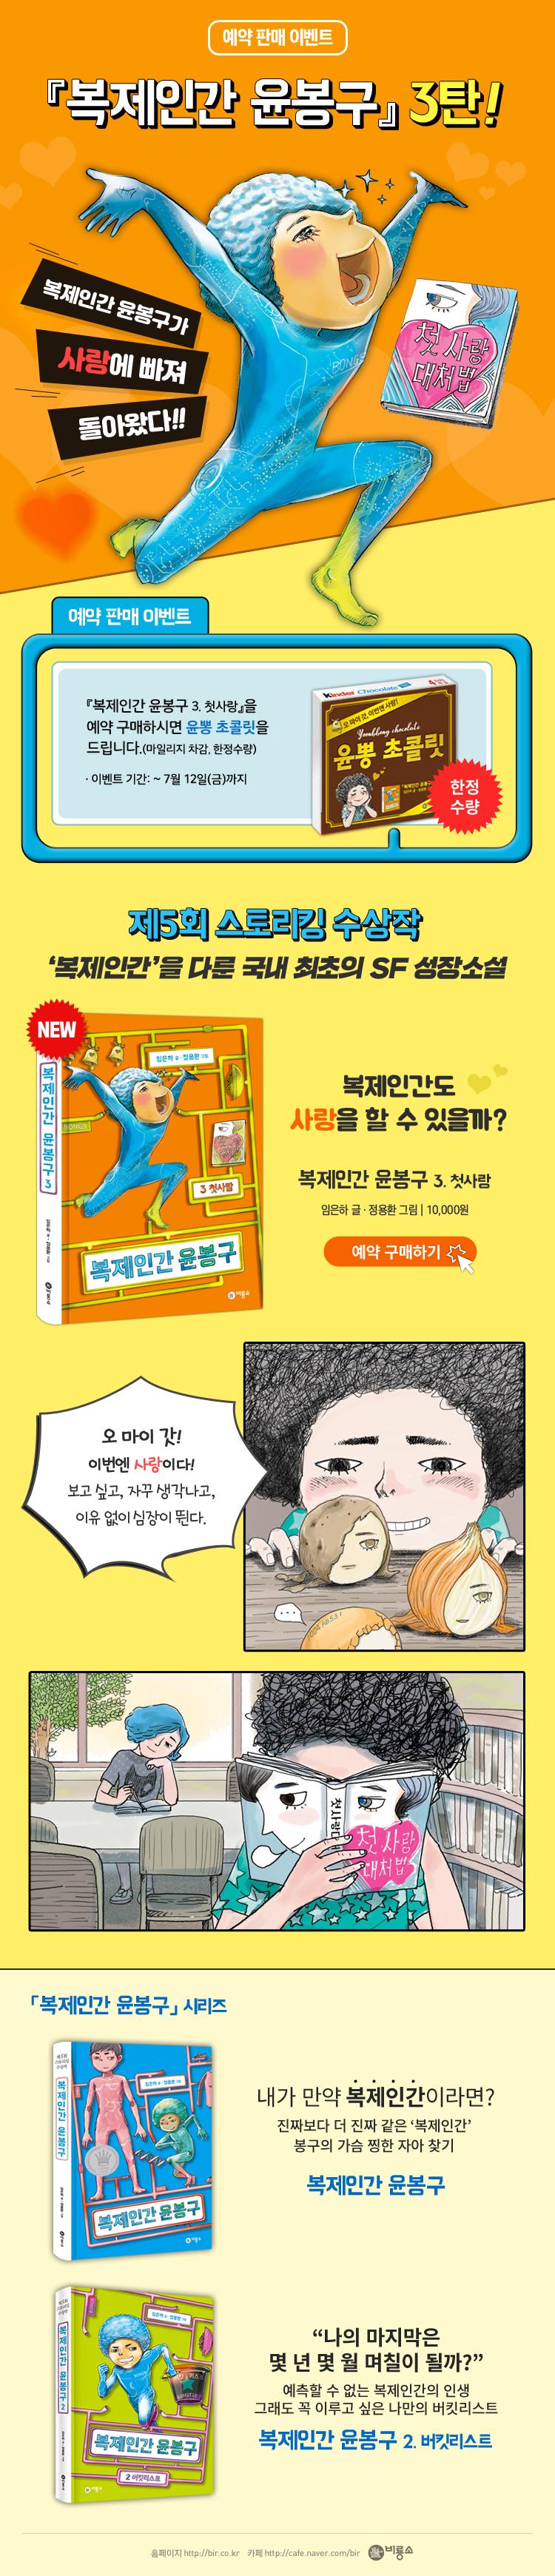 예판_복제인간윤봉구3